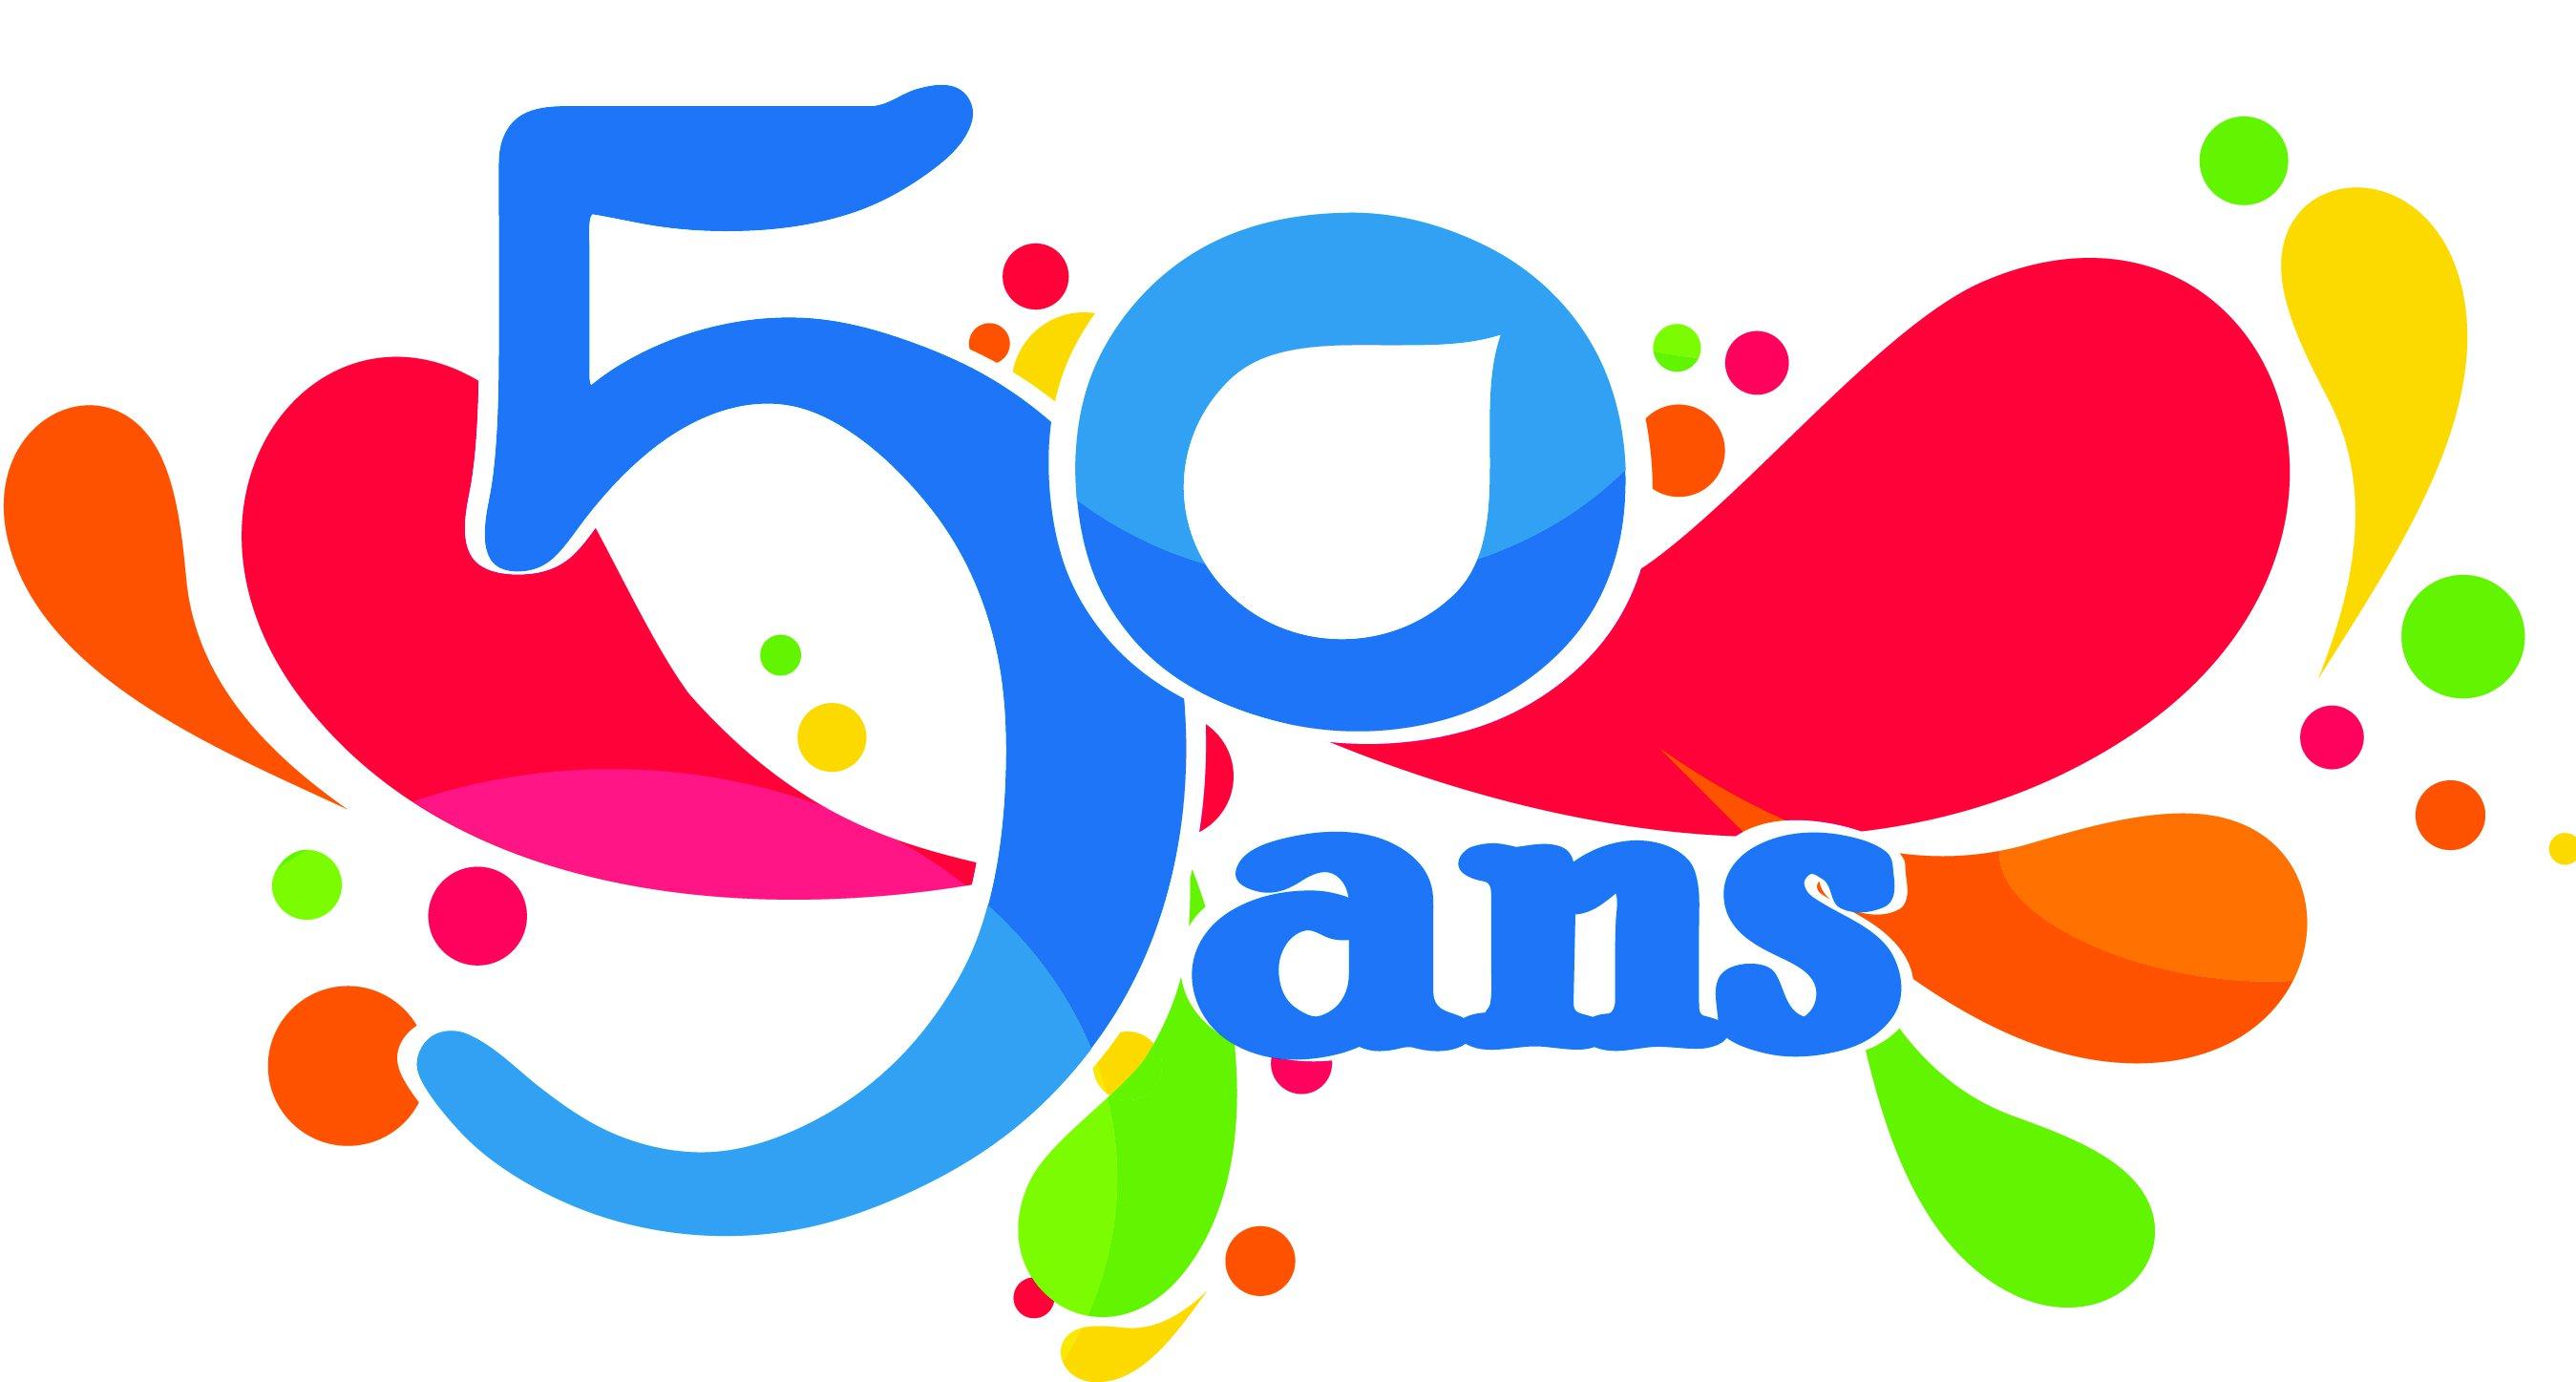 Clipart anniversaire 50 ans 5 » Clipart Station.